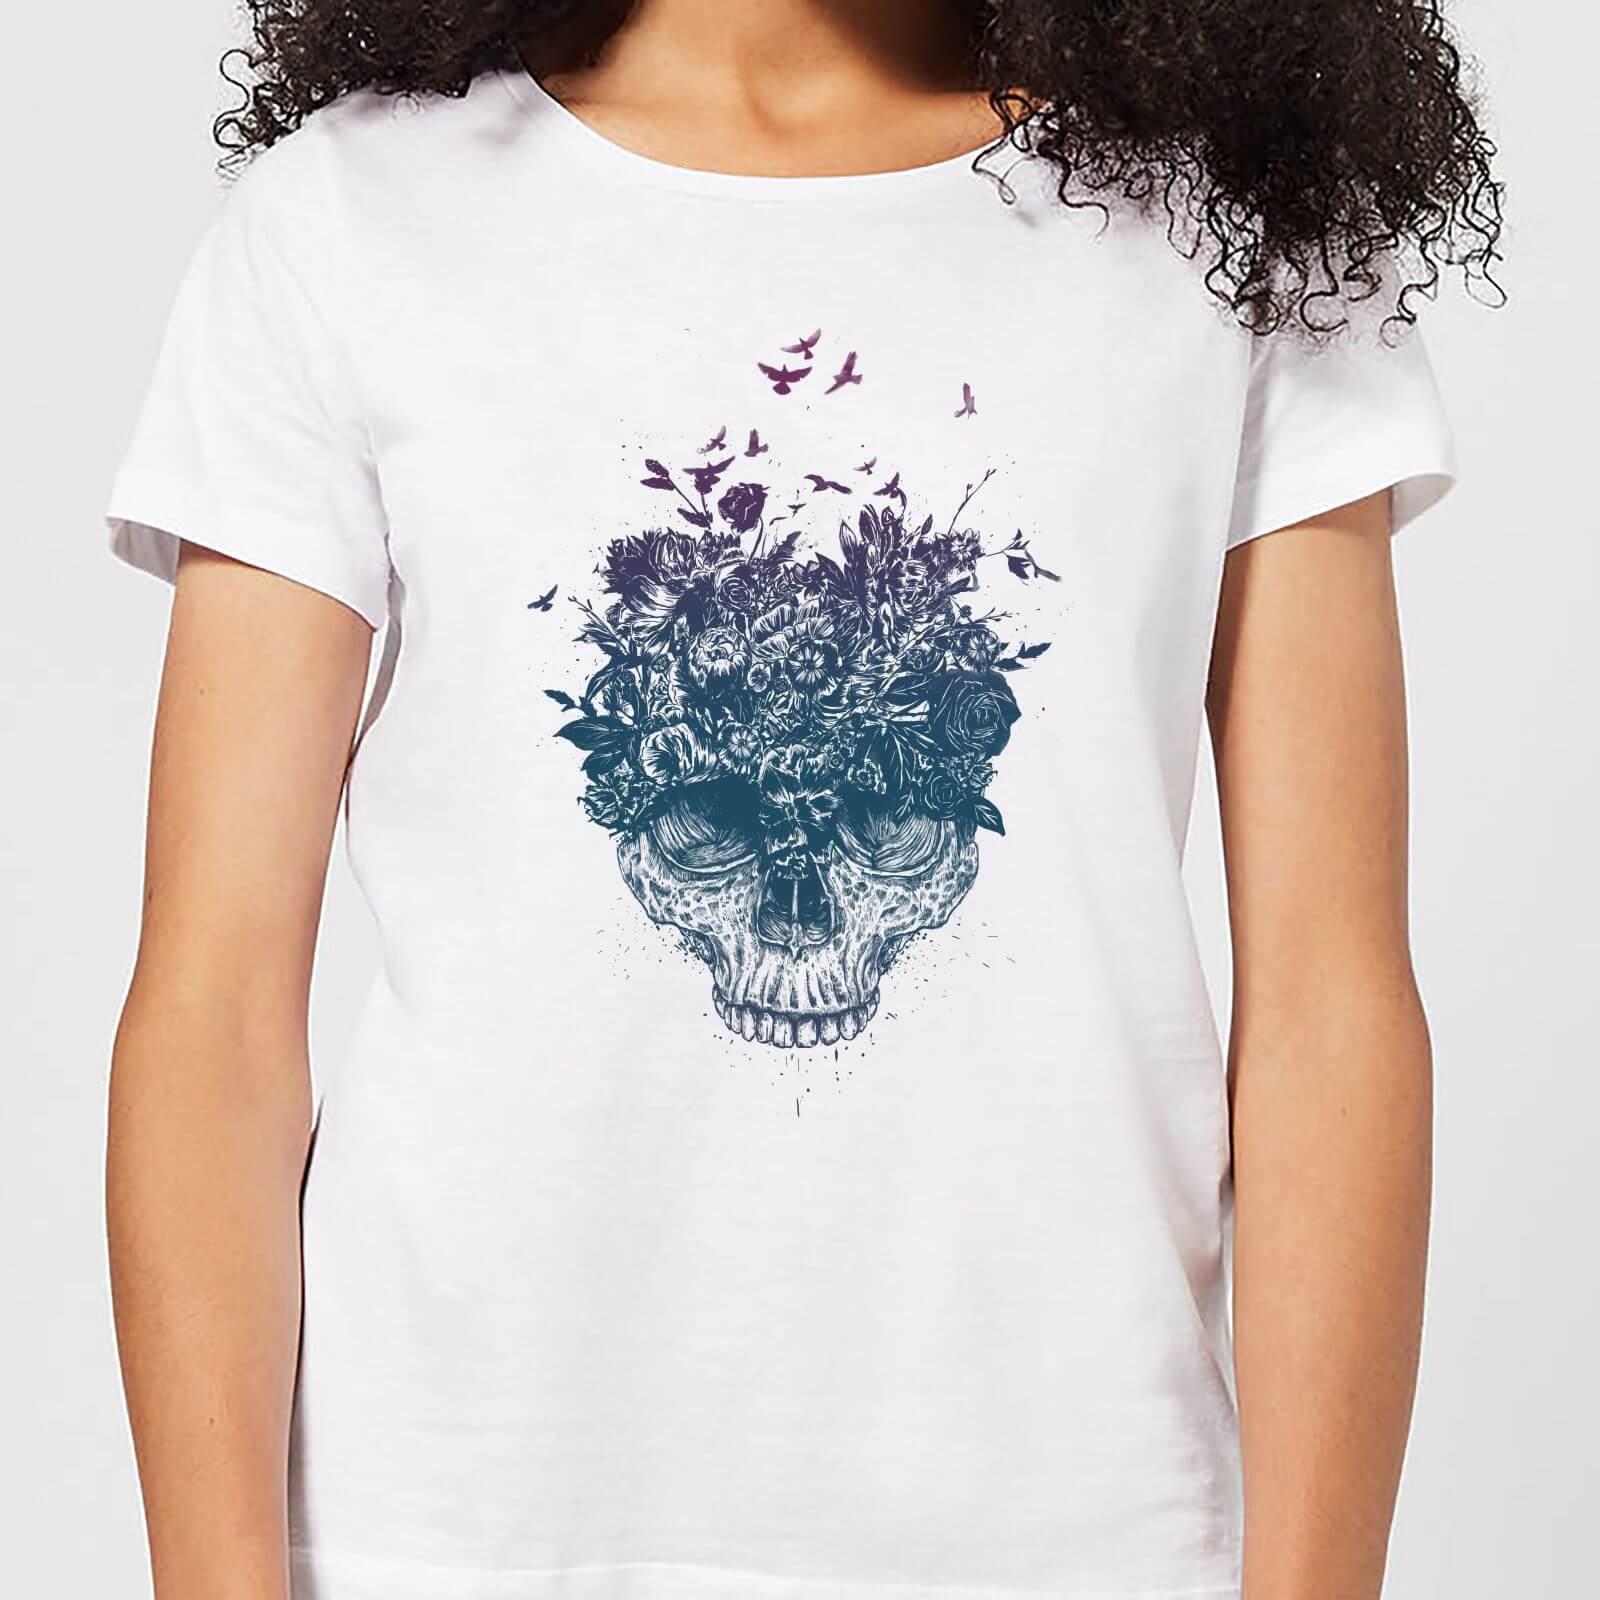 Balazs Solti Skulls And Flowers Women's T-Shirt - White - L - White